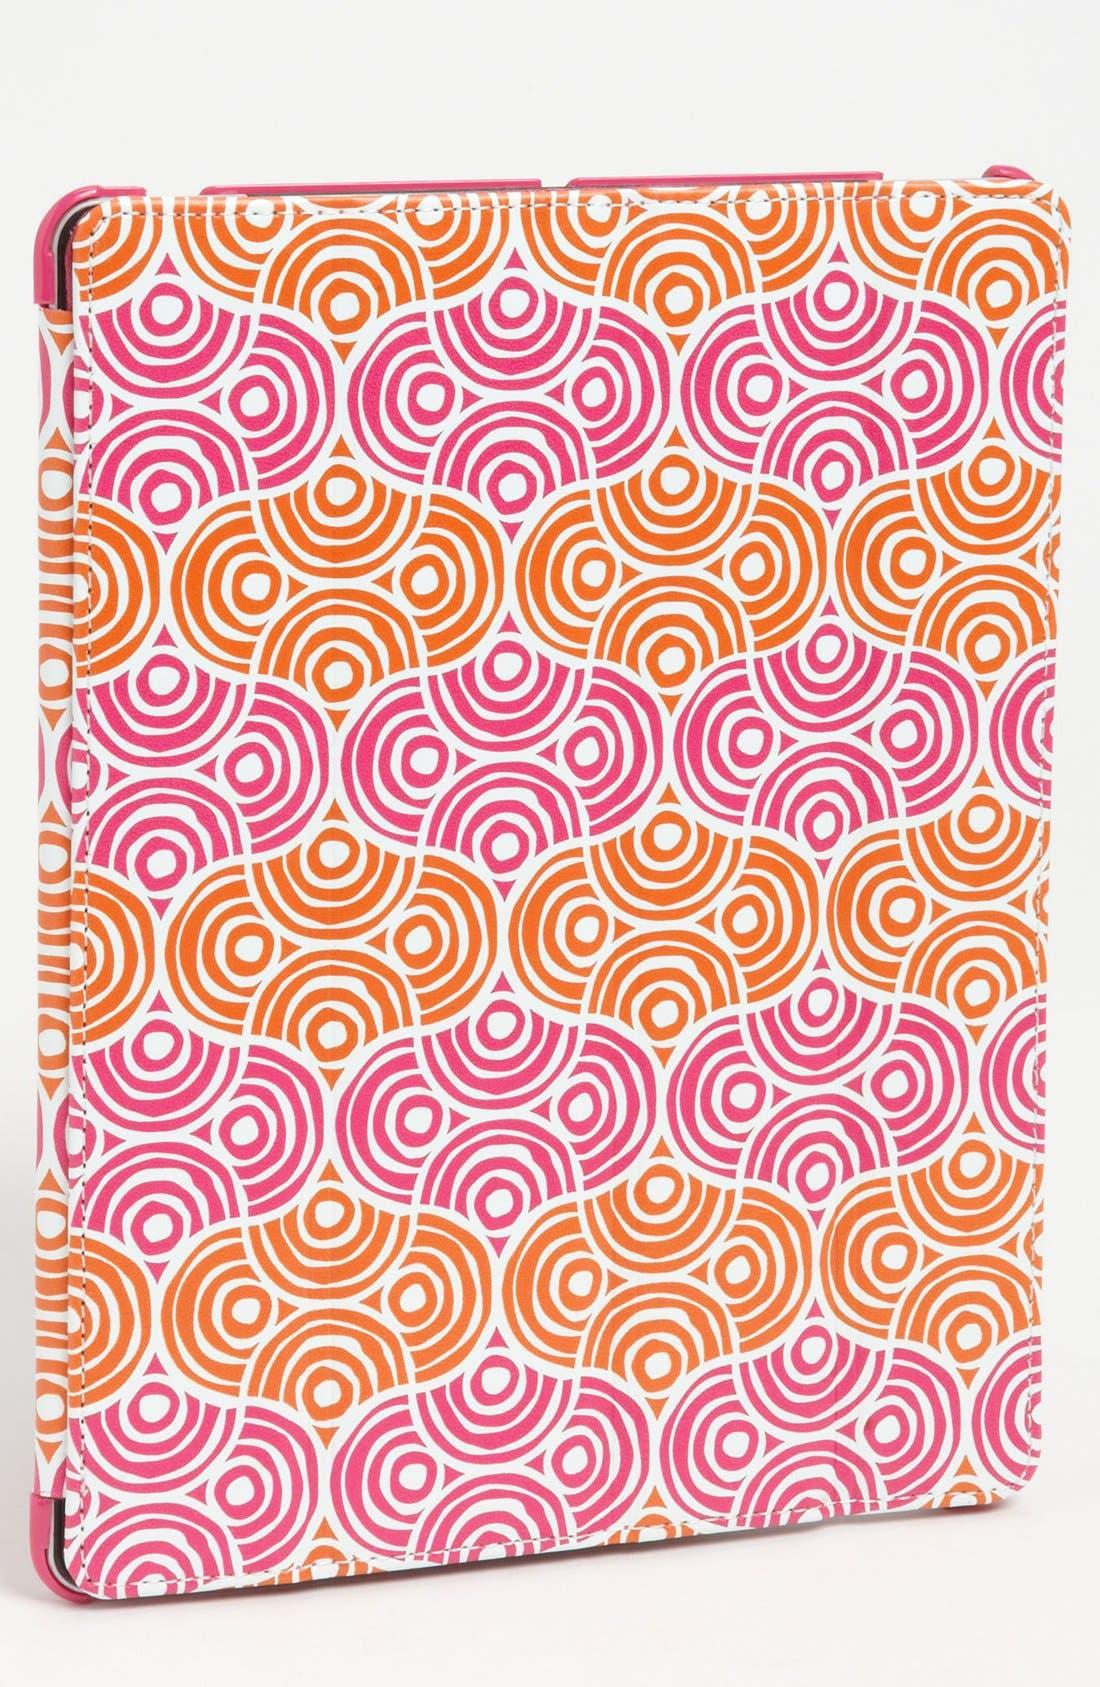 Main Image - Jonathan Adler 'Circle Ornaments' iPad 2 & 3 Case